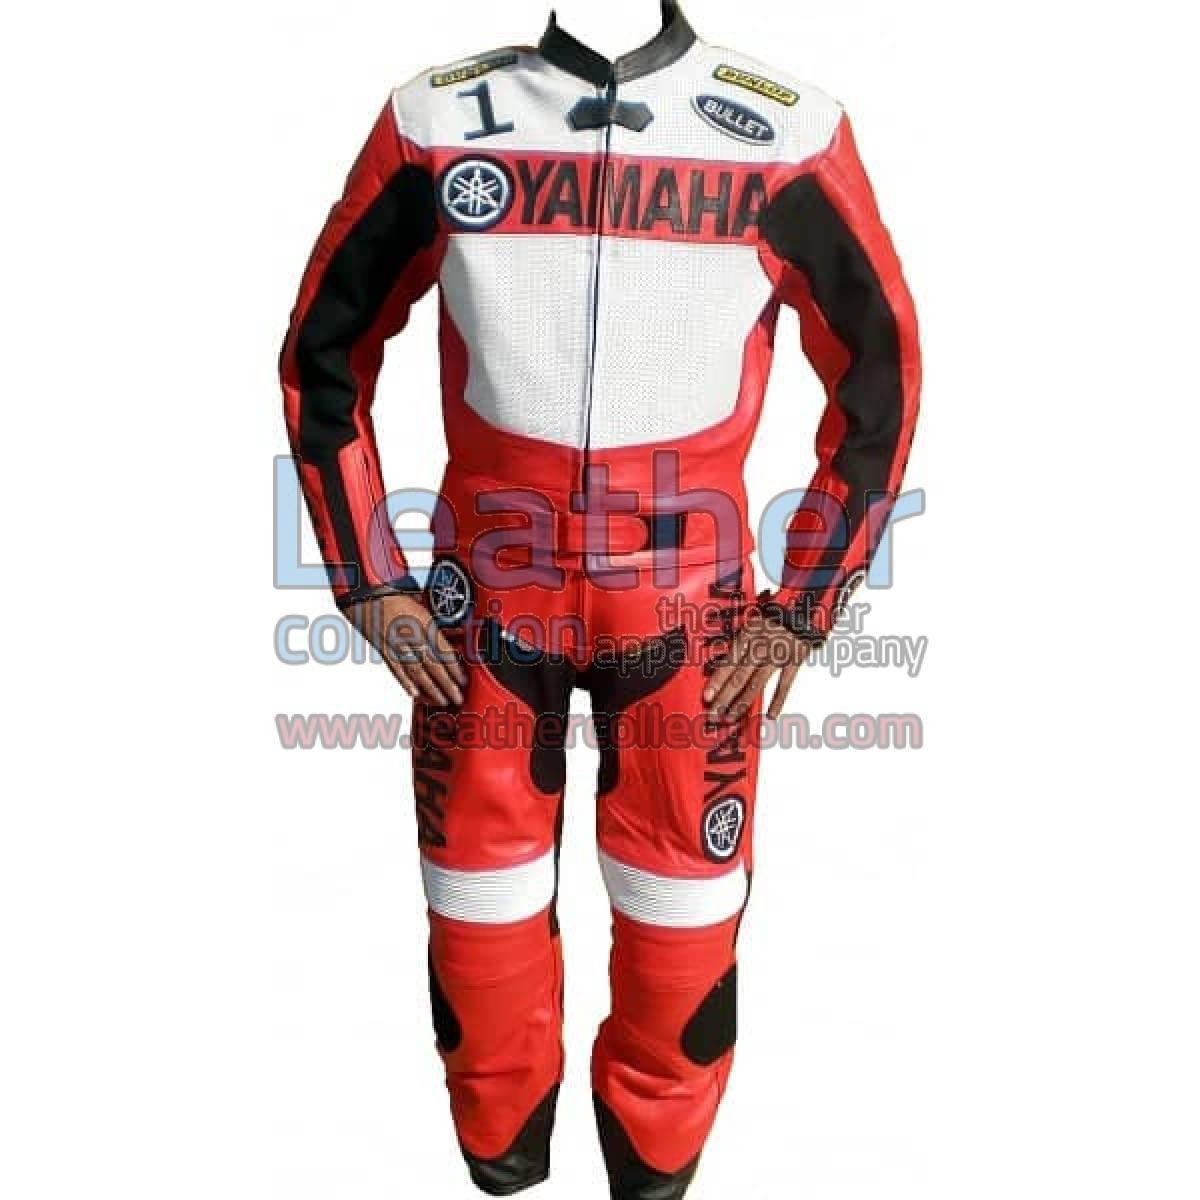 Yamaha Motorbike Leather Suit Red/White